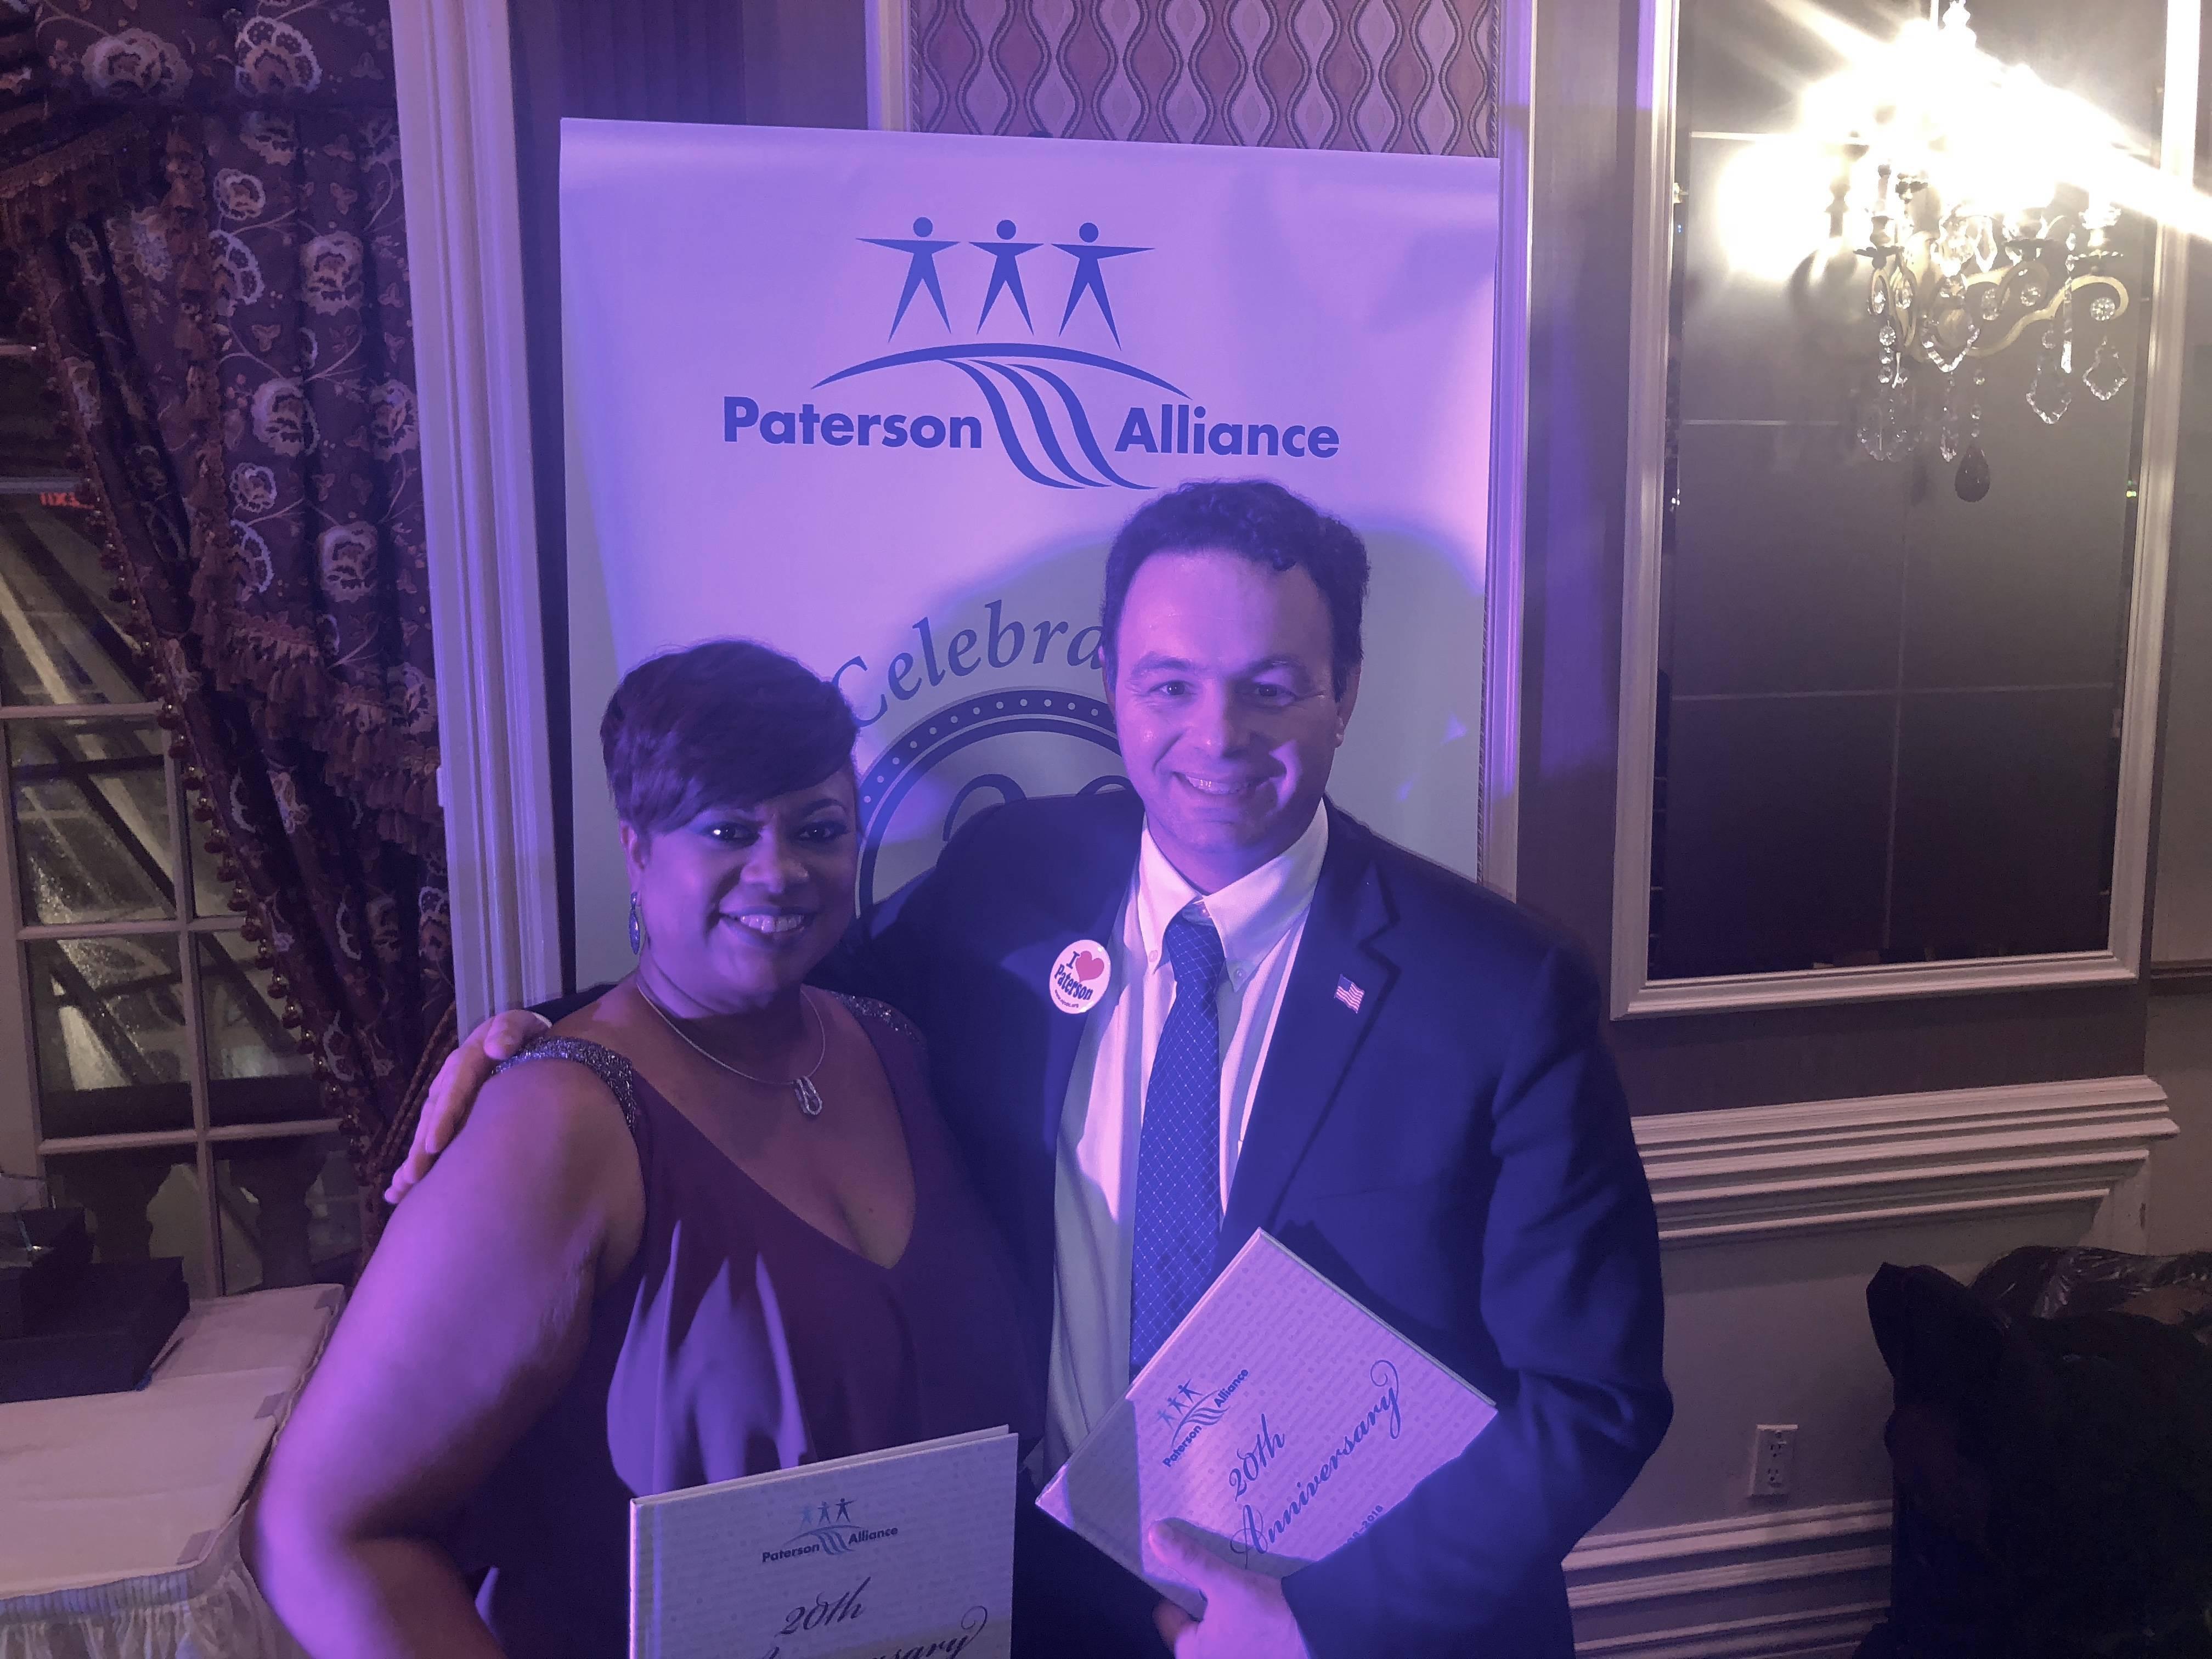 Paterson Alliance